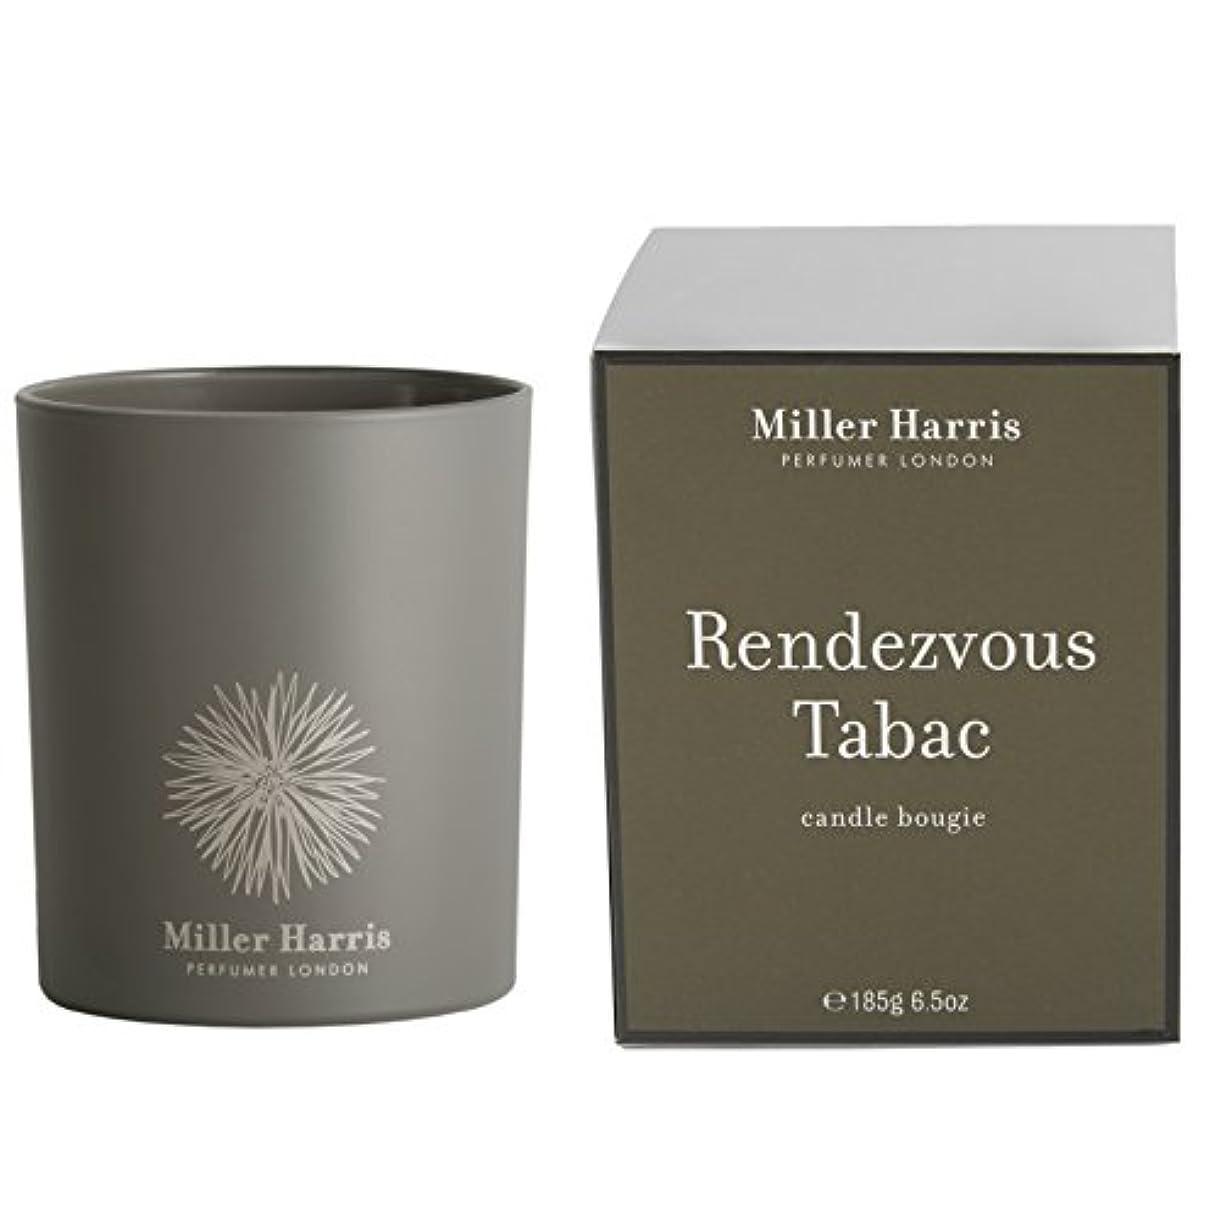 ジョガー粘着性上に築きますミラーハリス Candle - Rendezvous Tabac 185g/6.5oz並行輸入品